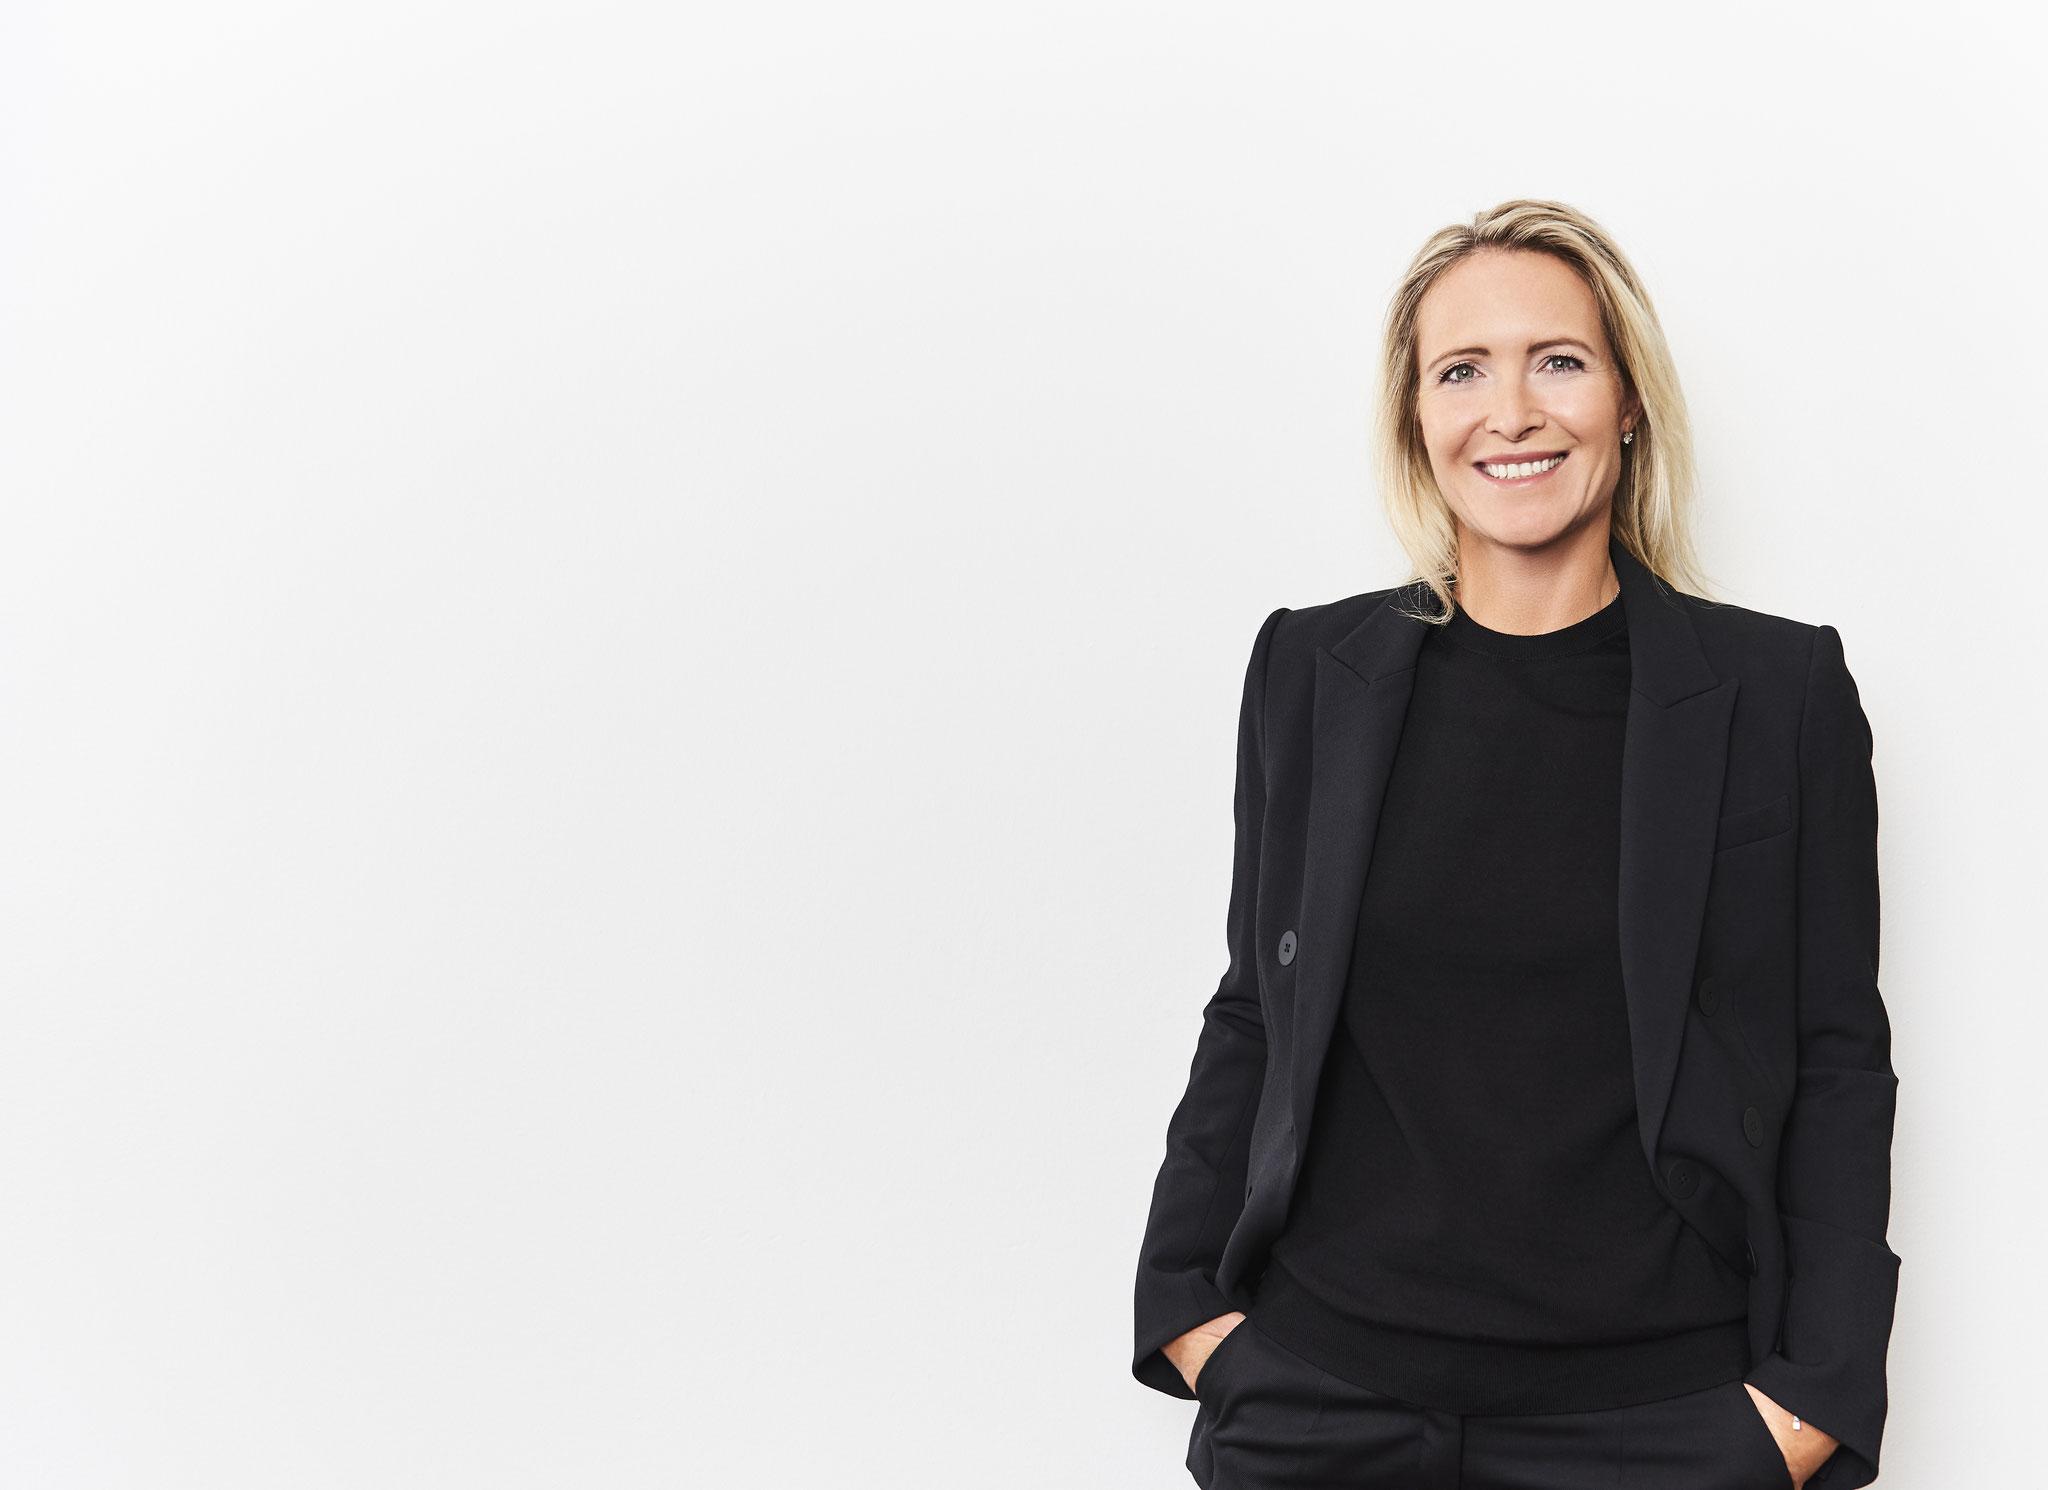 farbiges Business-Porträt einer Frau